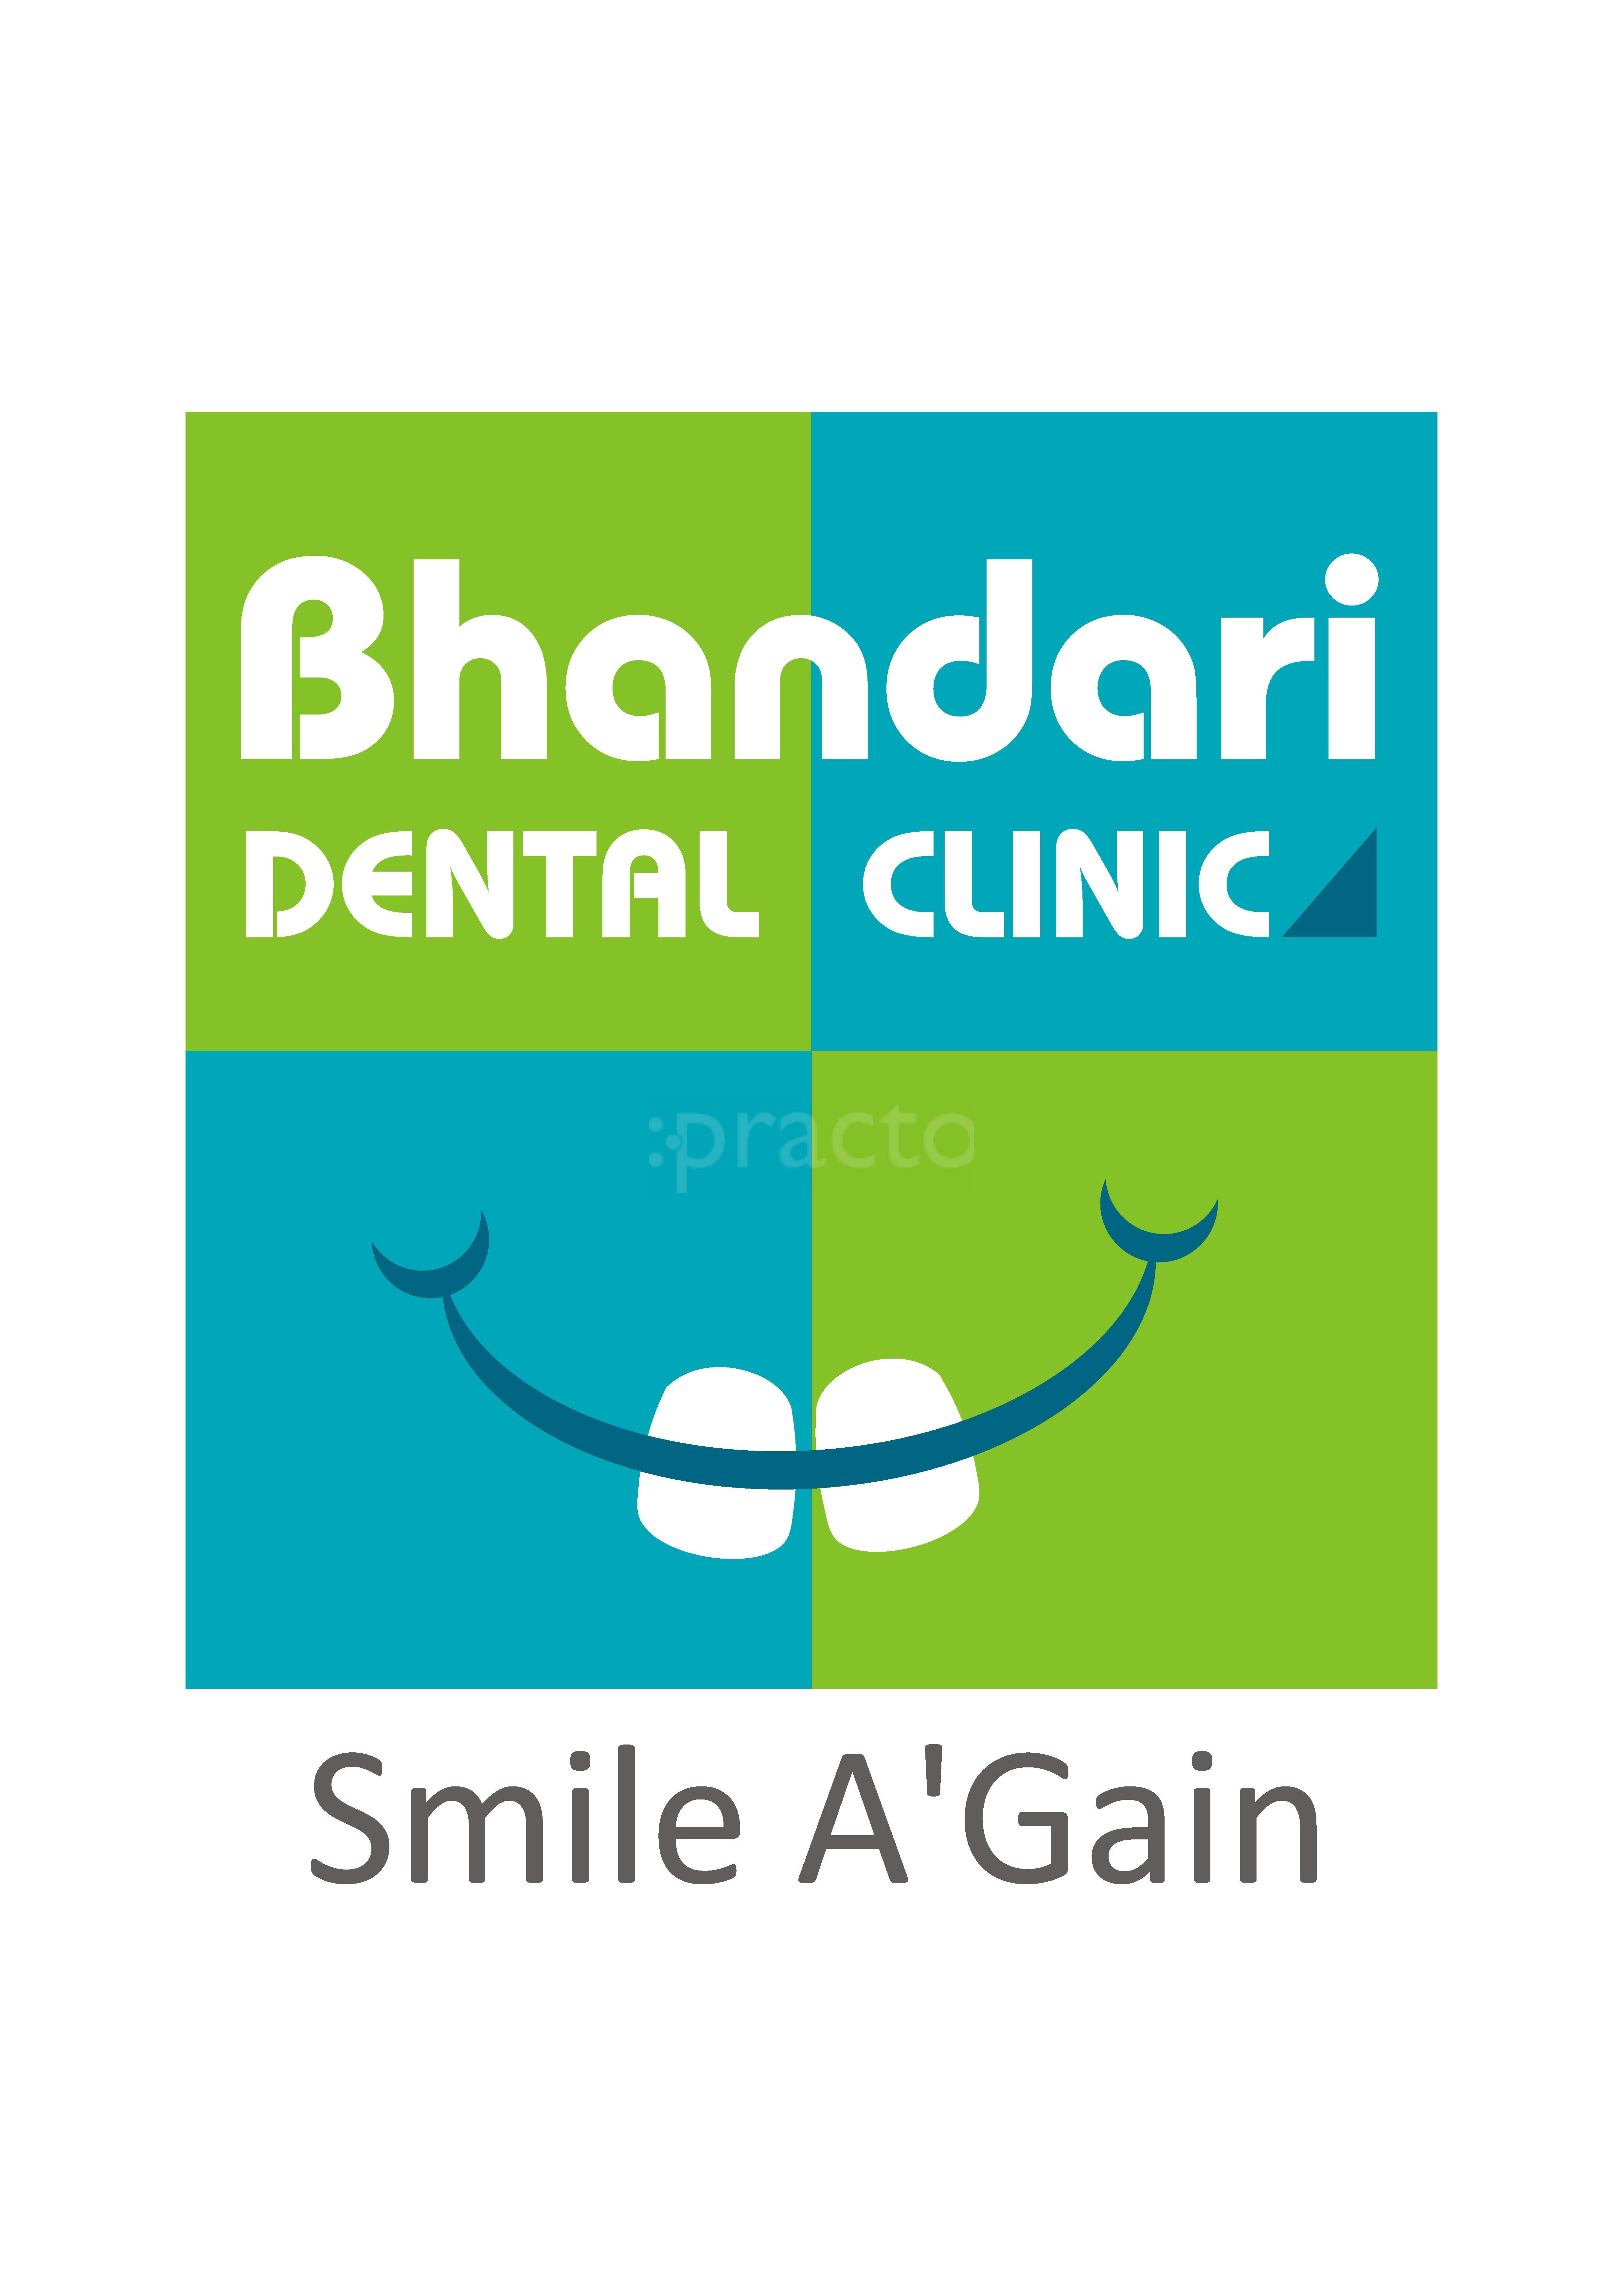 Bhandari Dental Clinic